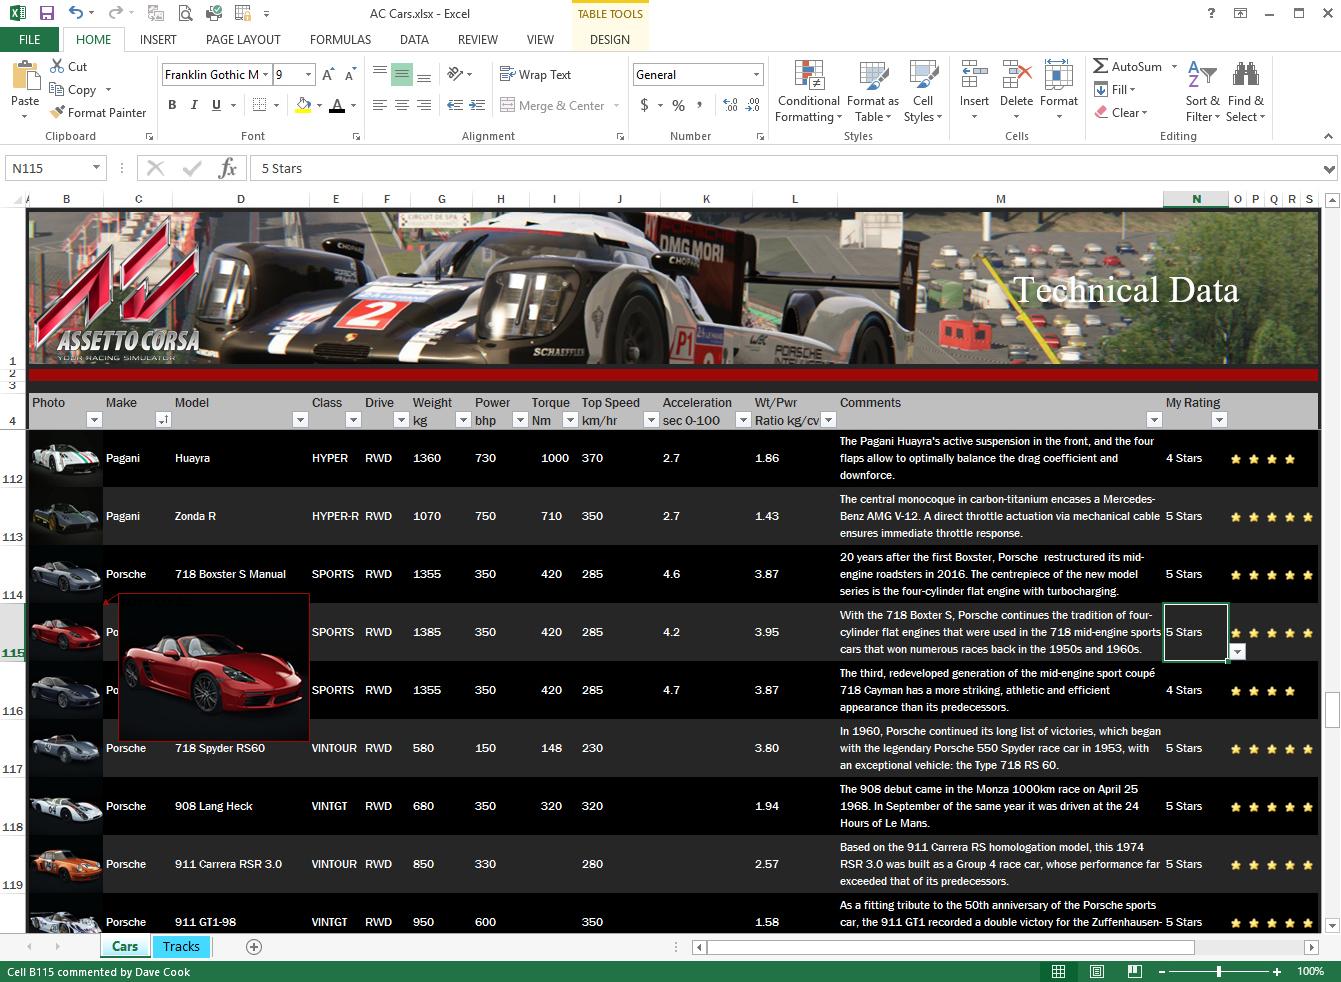 ac_cars_1.11.jpg